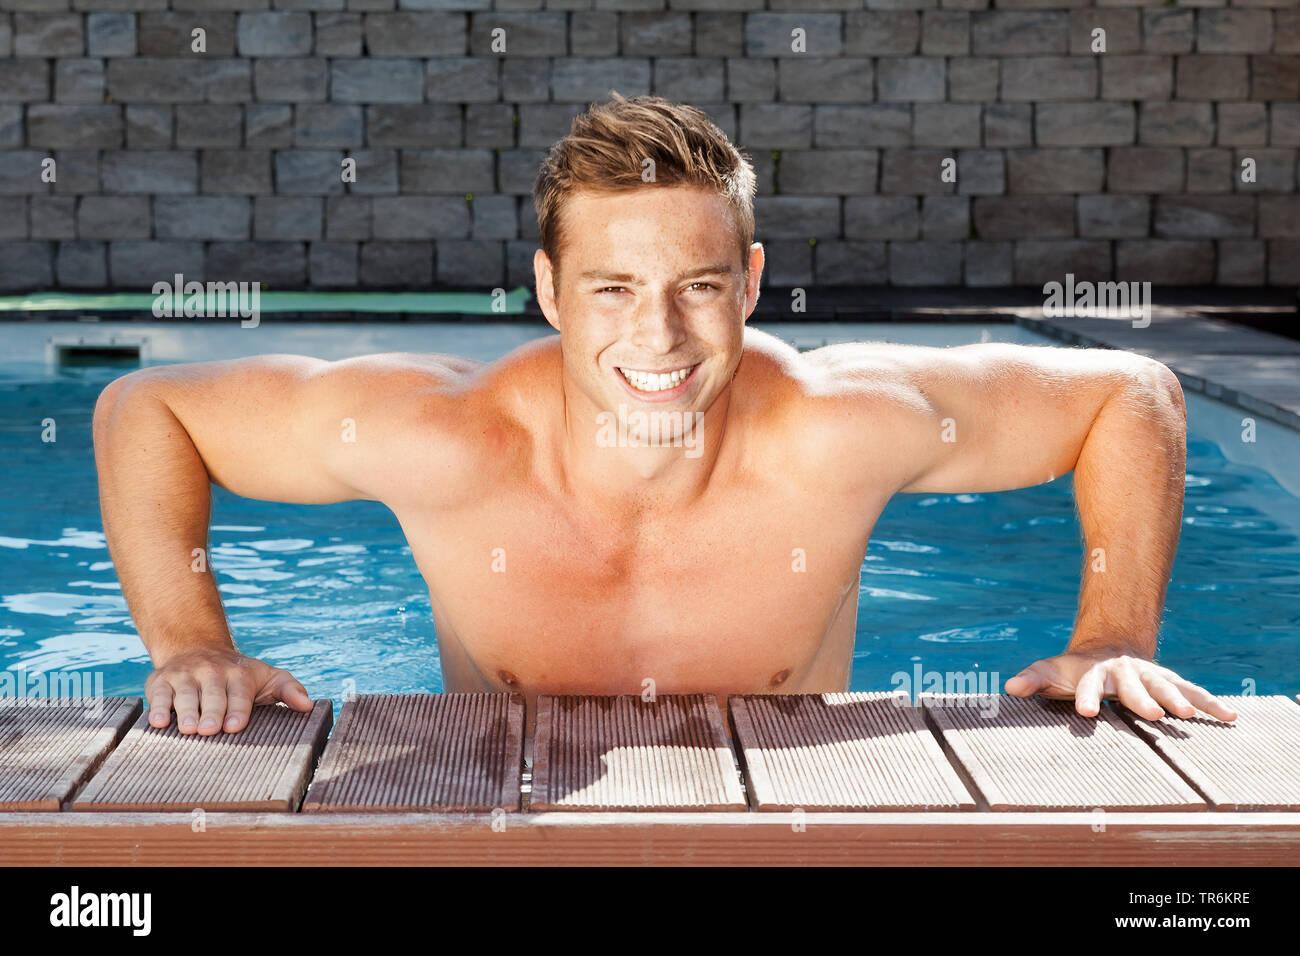 junger Mann verlaesst den Swimmingpool, Deutschland | young man leaving pool, Germany | BLWS486440.jpg [ (c) blickwinkel/McPHOTO/M. Gann Tel. +49 (0)2 - Stock Image